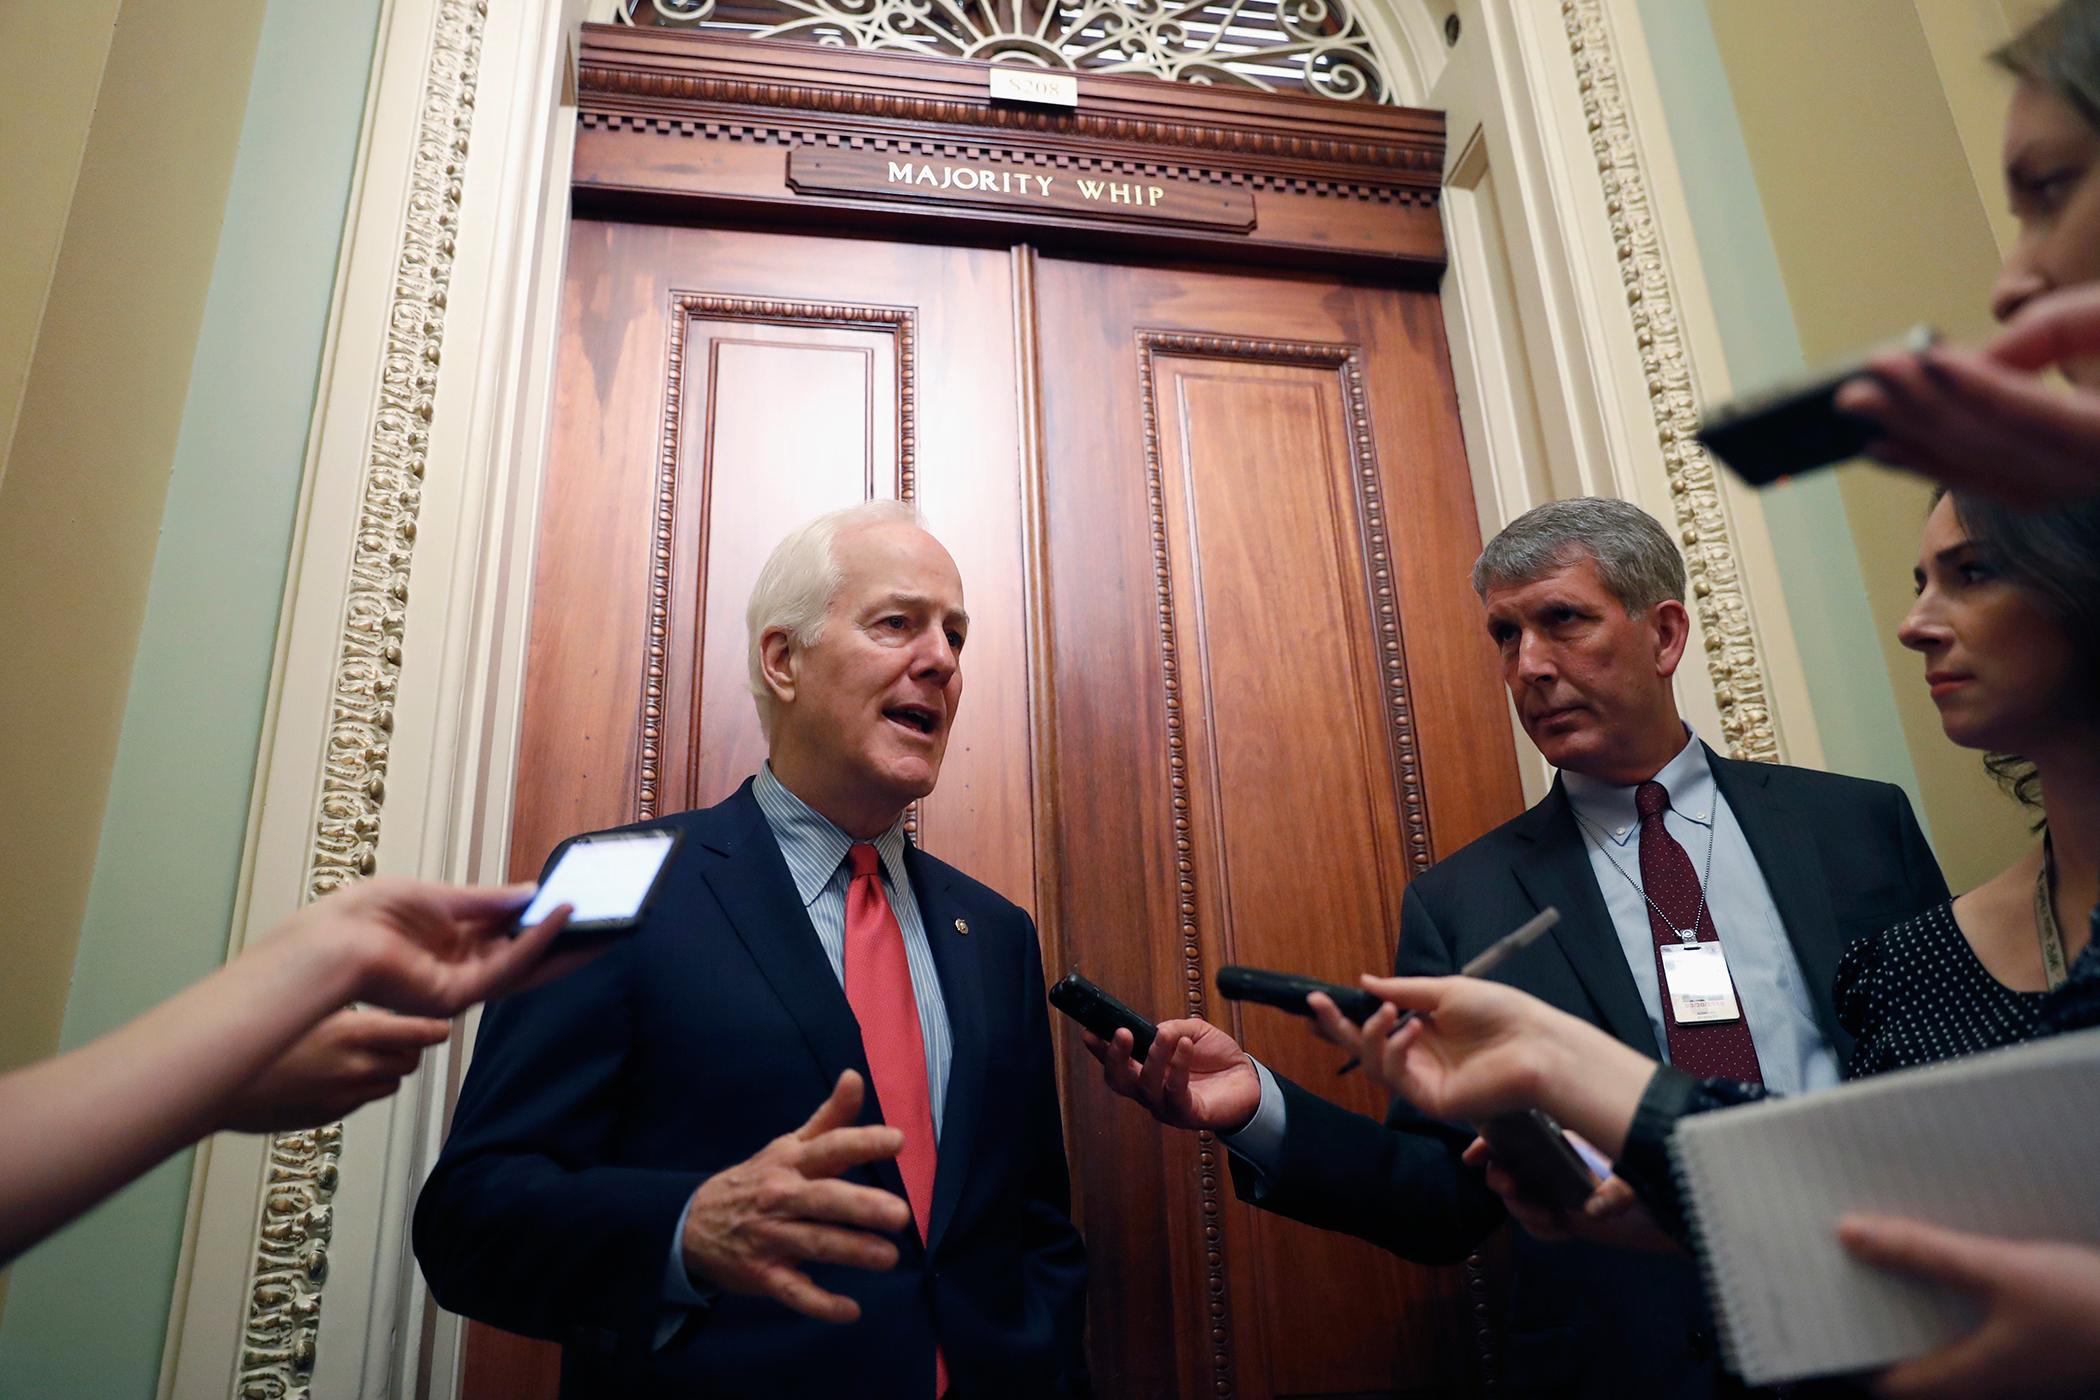 170620-senators-health-care-conryn